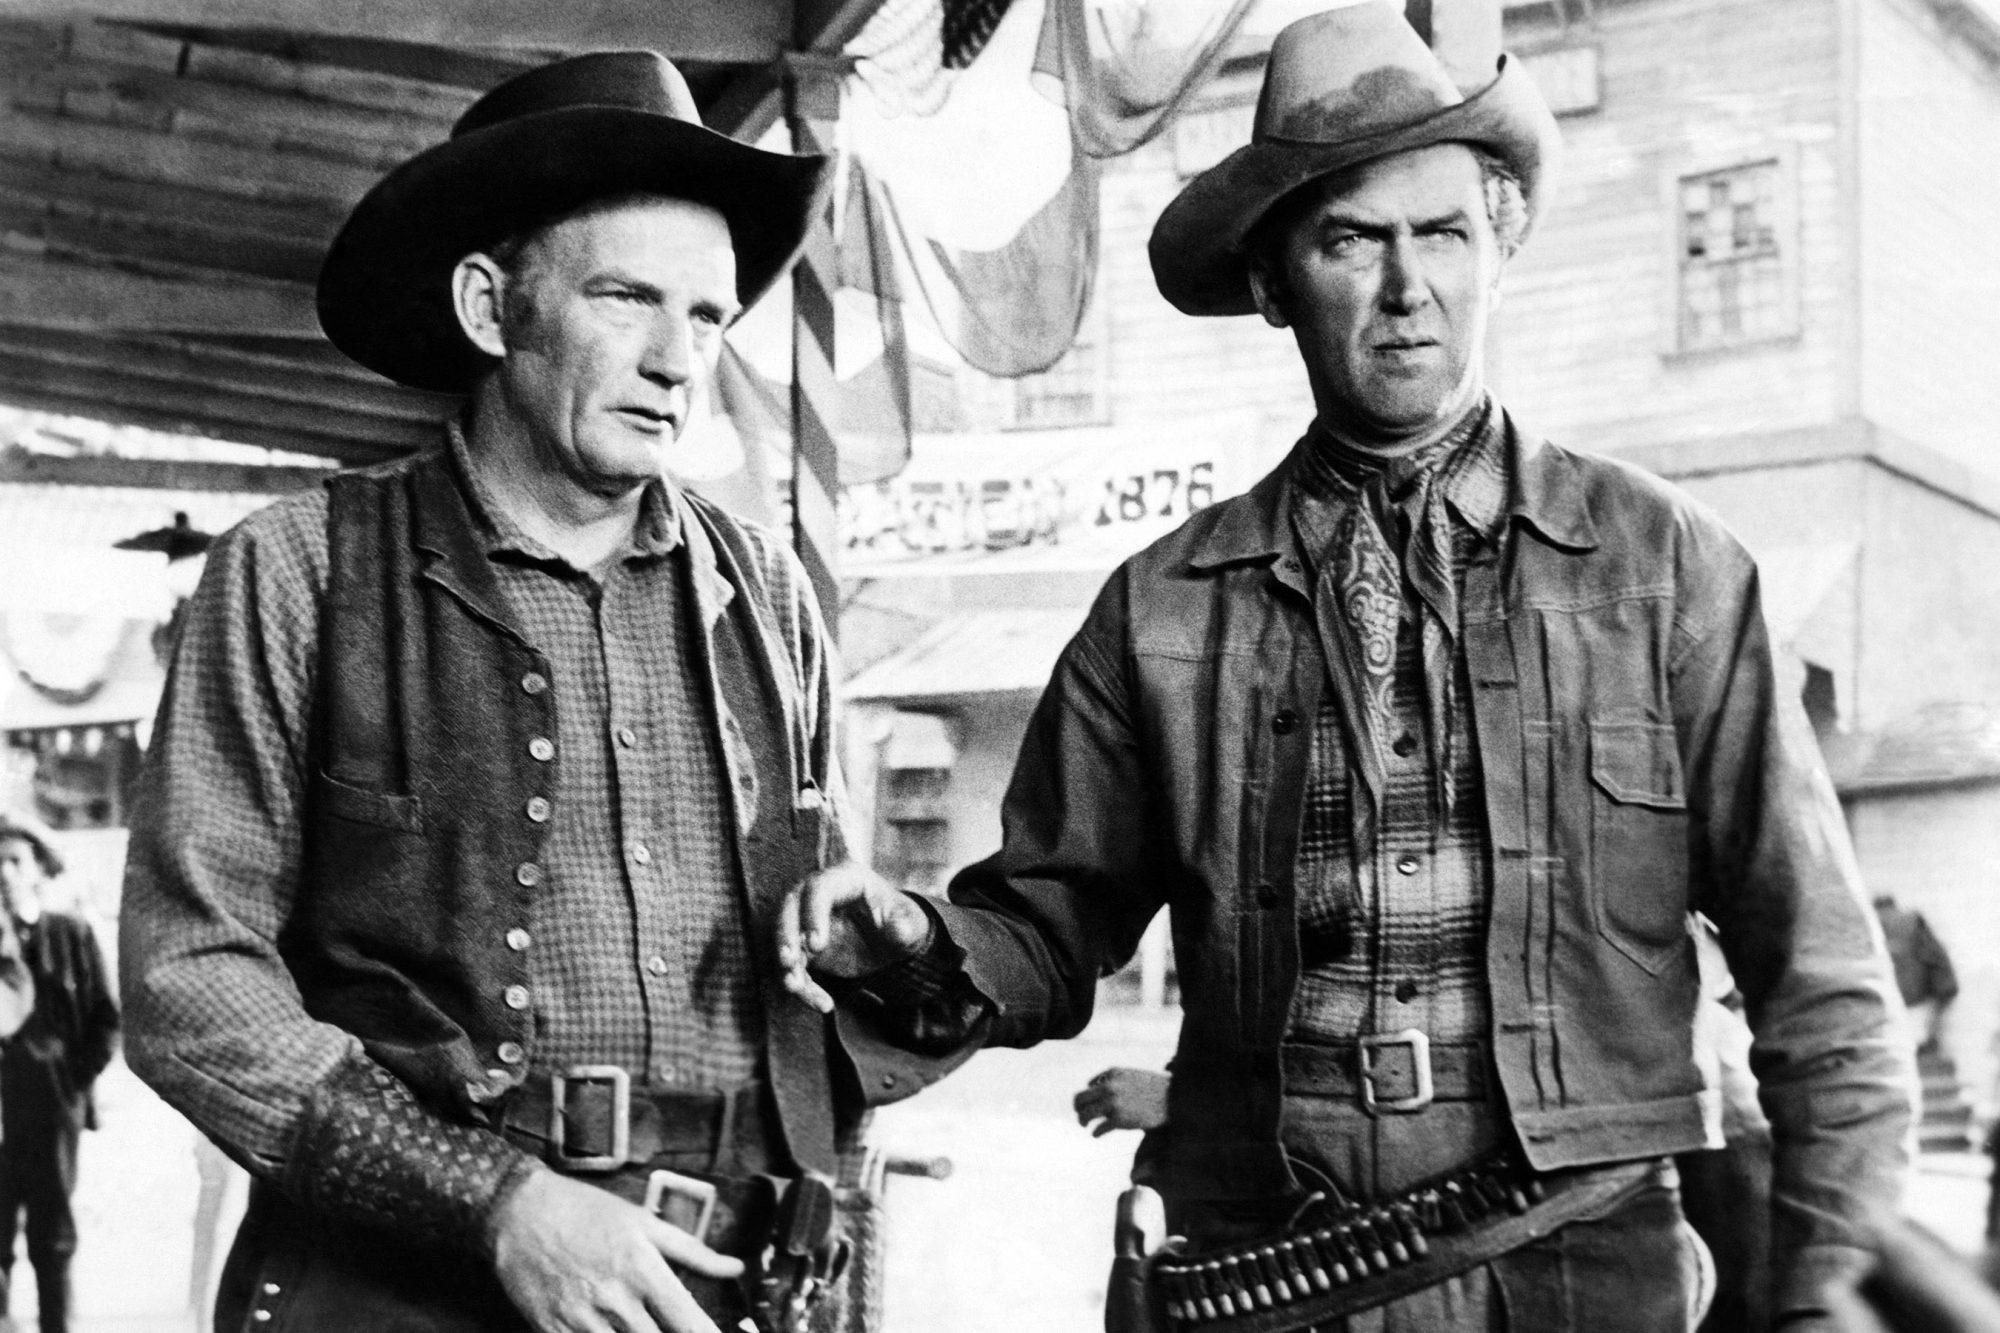 WINCHESTER '73, Millard Mitchell, James Stewart, 1950